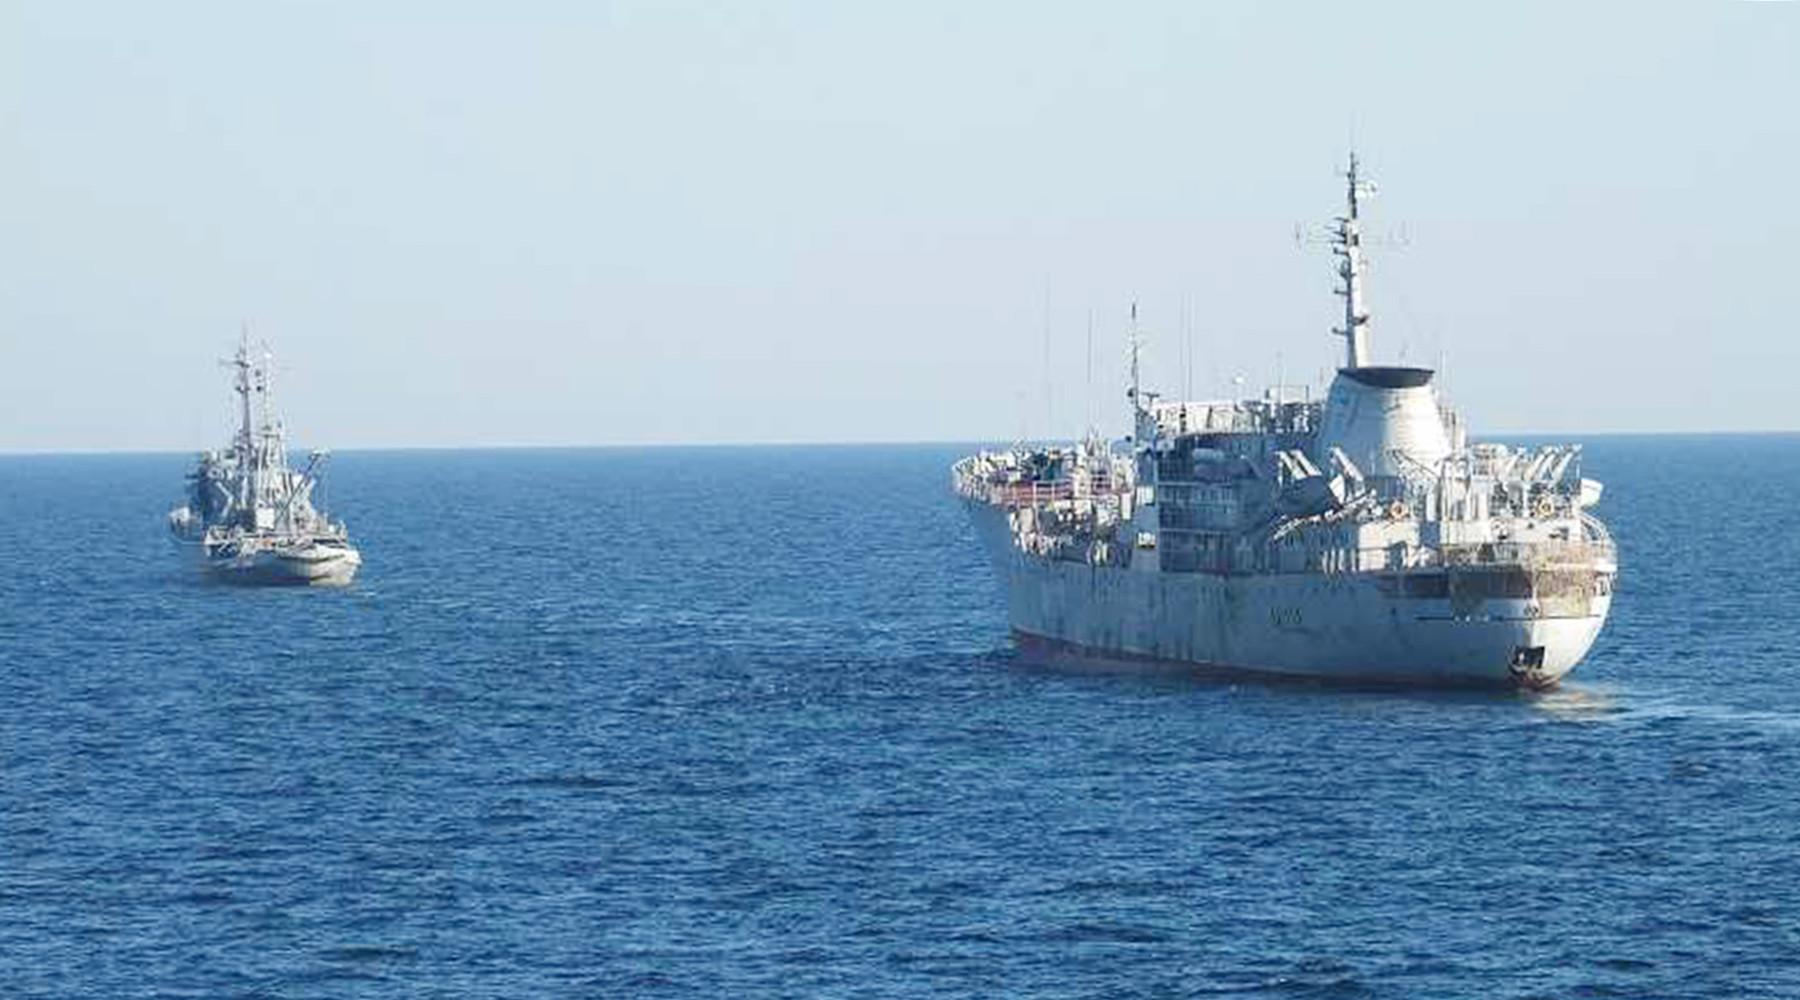 Прогнать Россию. Сможет ли Украина защитить Азовское море - Цензор.НЕТ 5826